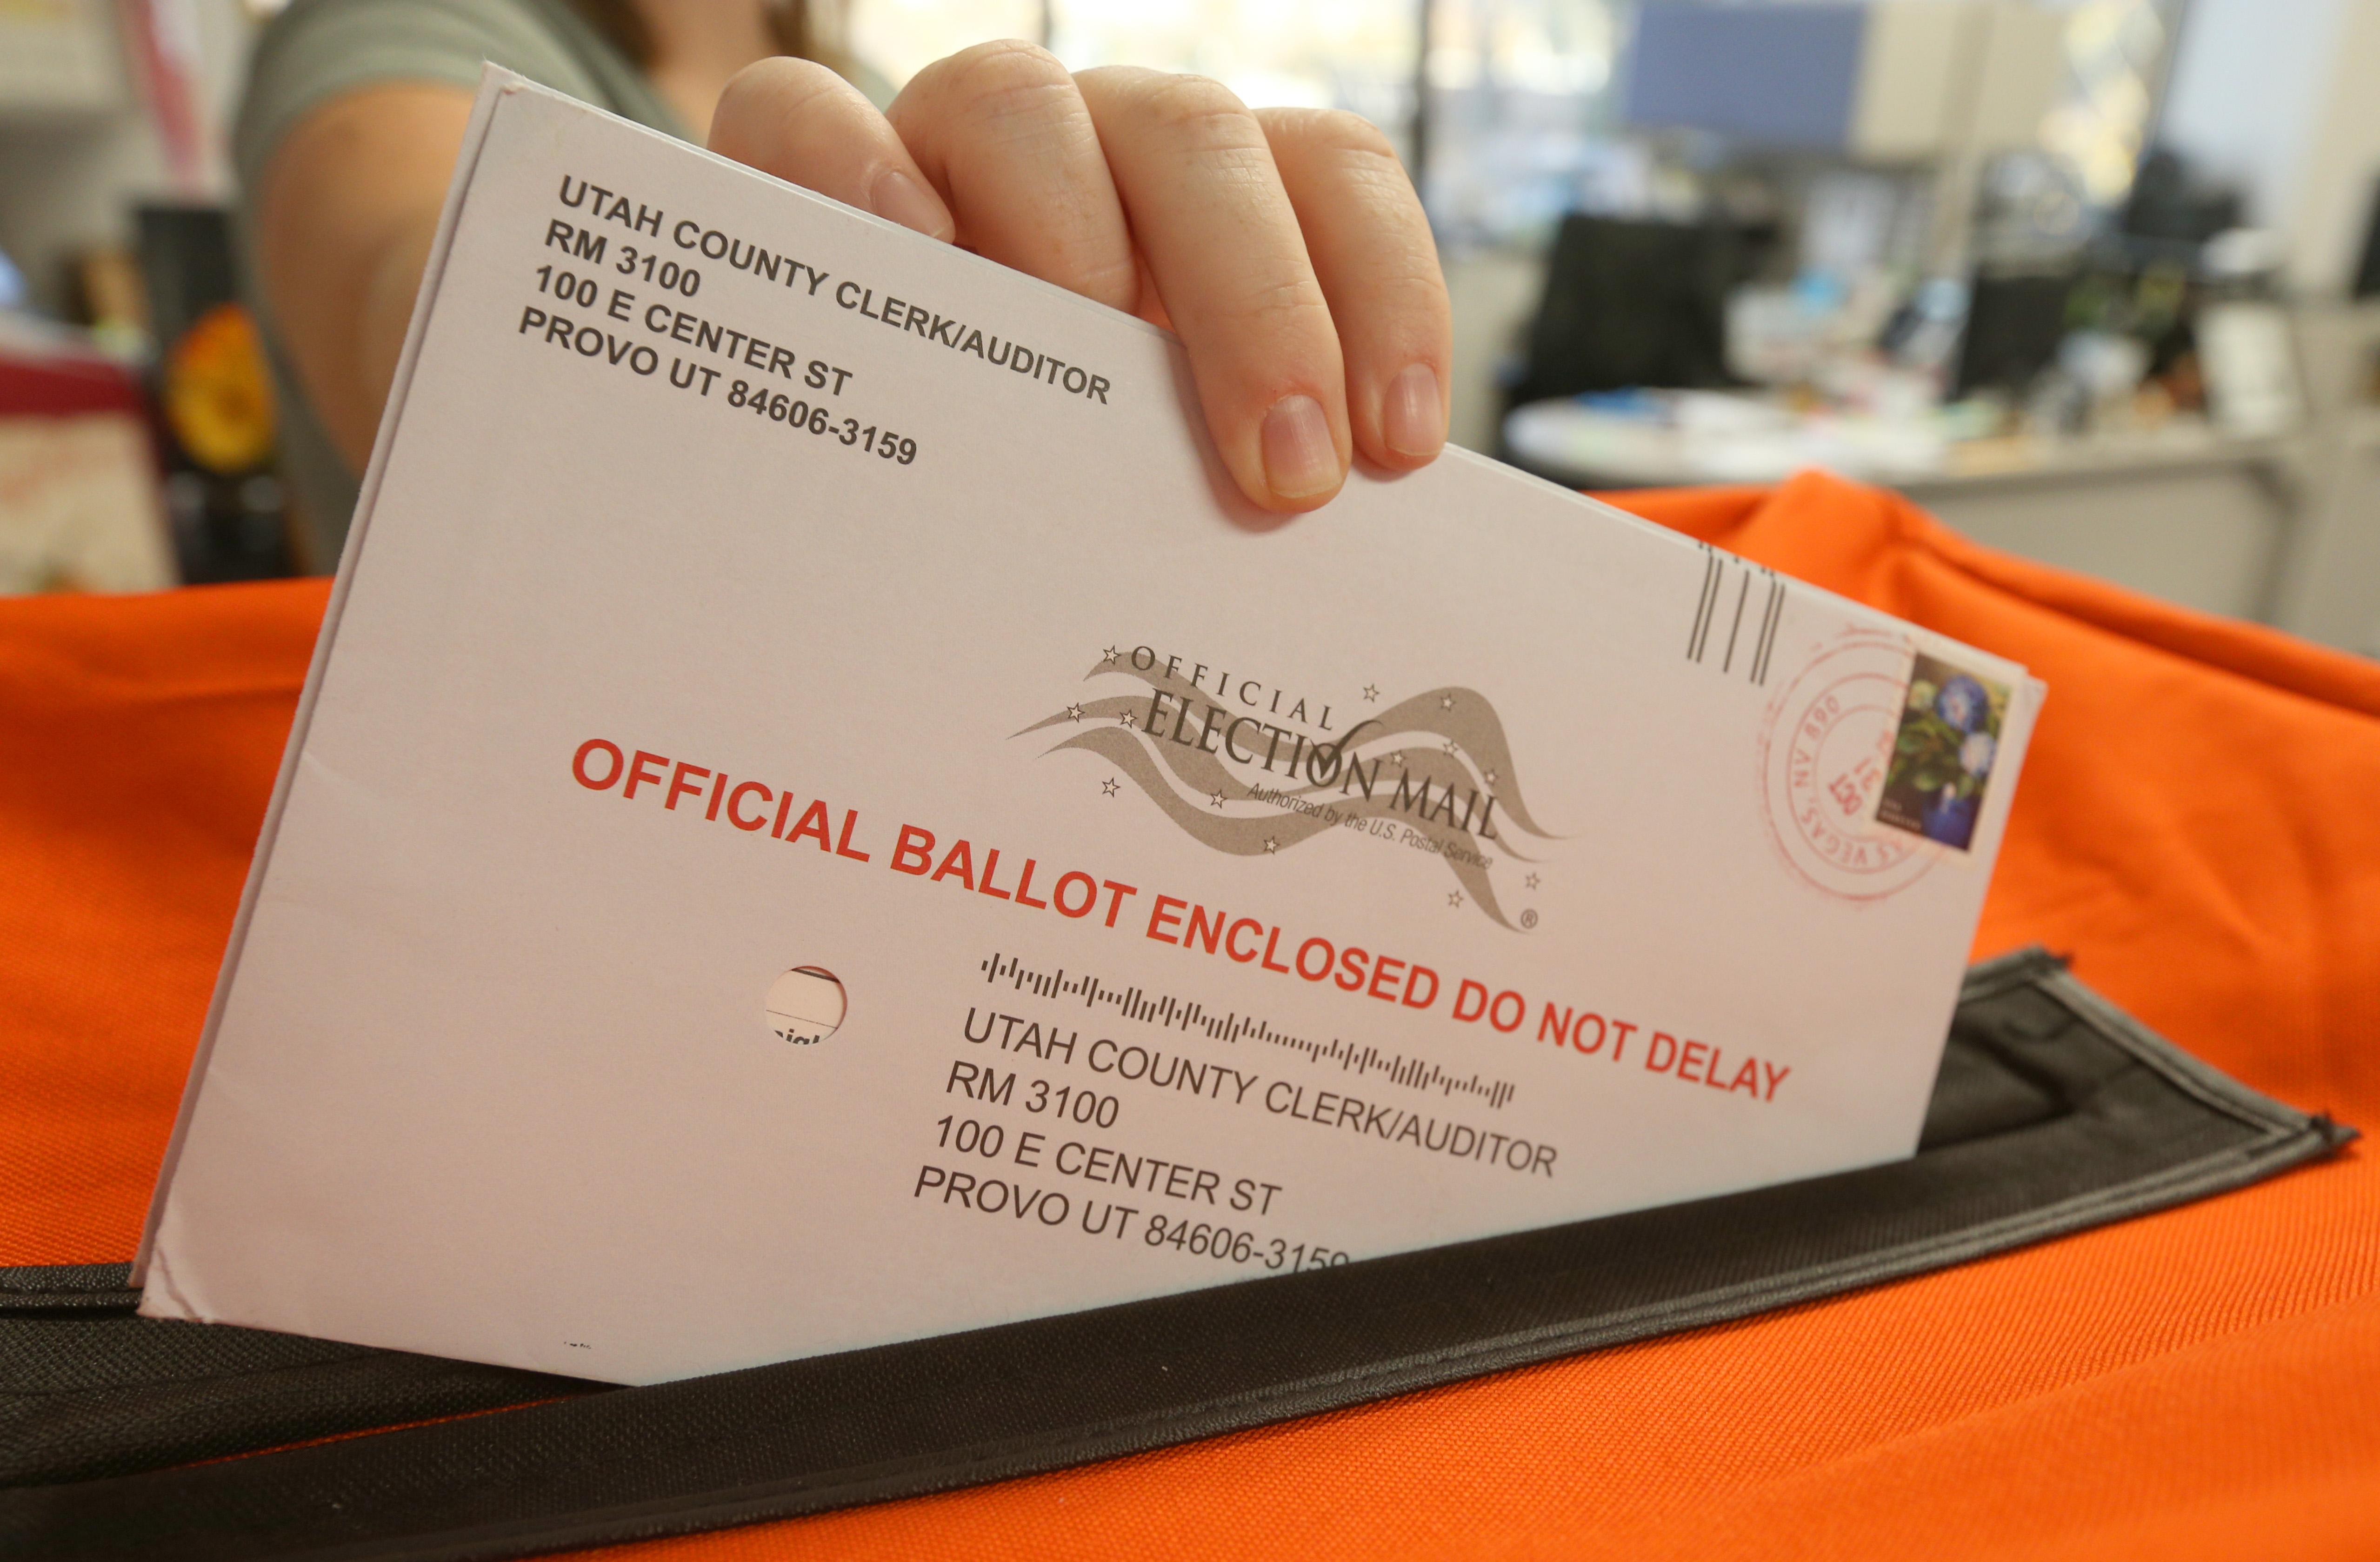 美邮政总局:已经准备好应对邮寄投票